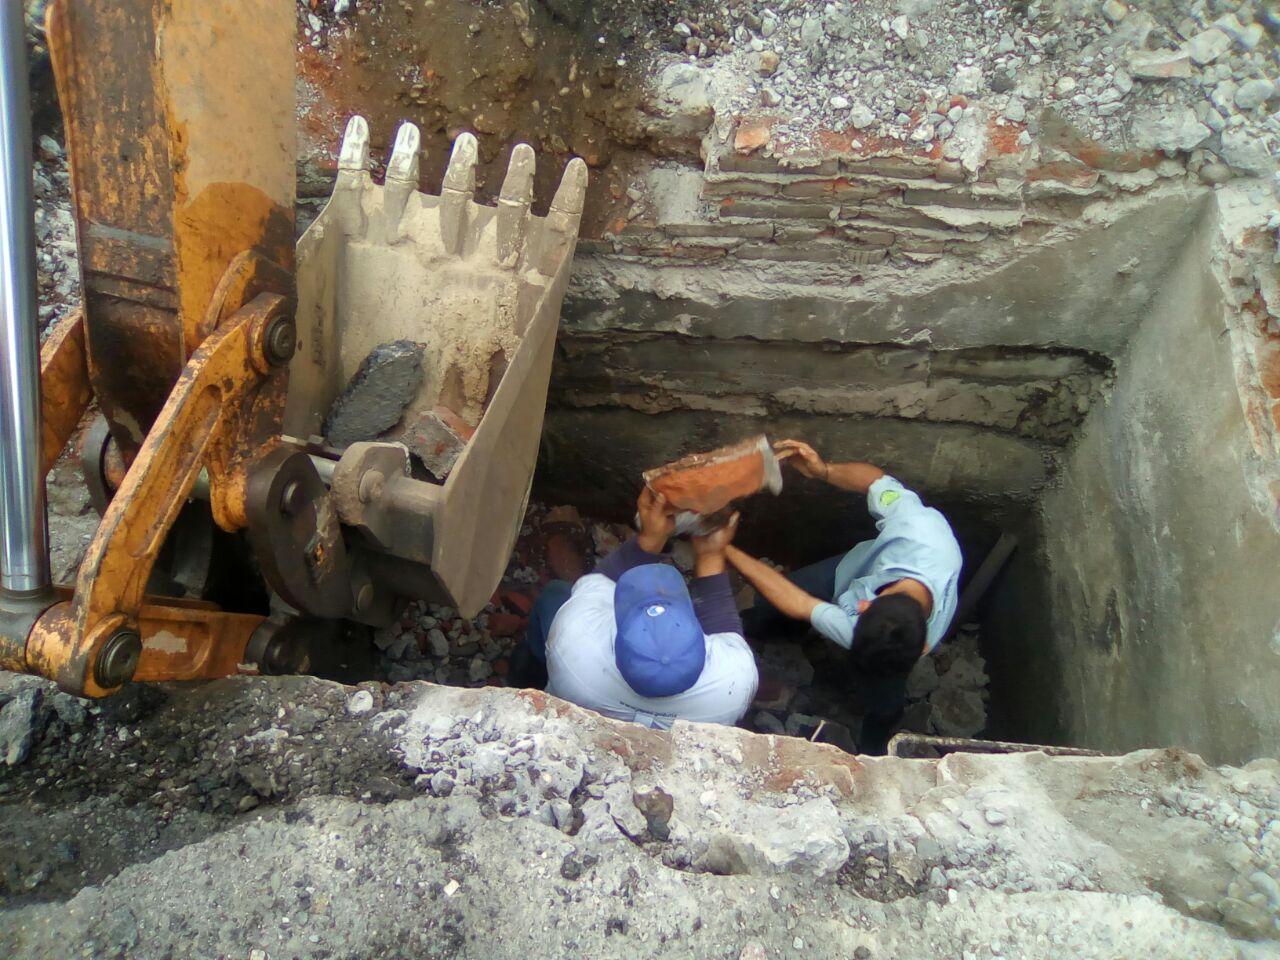 JAPAC-NOTICIAS-personal-de-japac-labora-en-la-reparacion-de-valvula-para-restablecer-el-servicio-de-agua-01